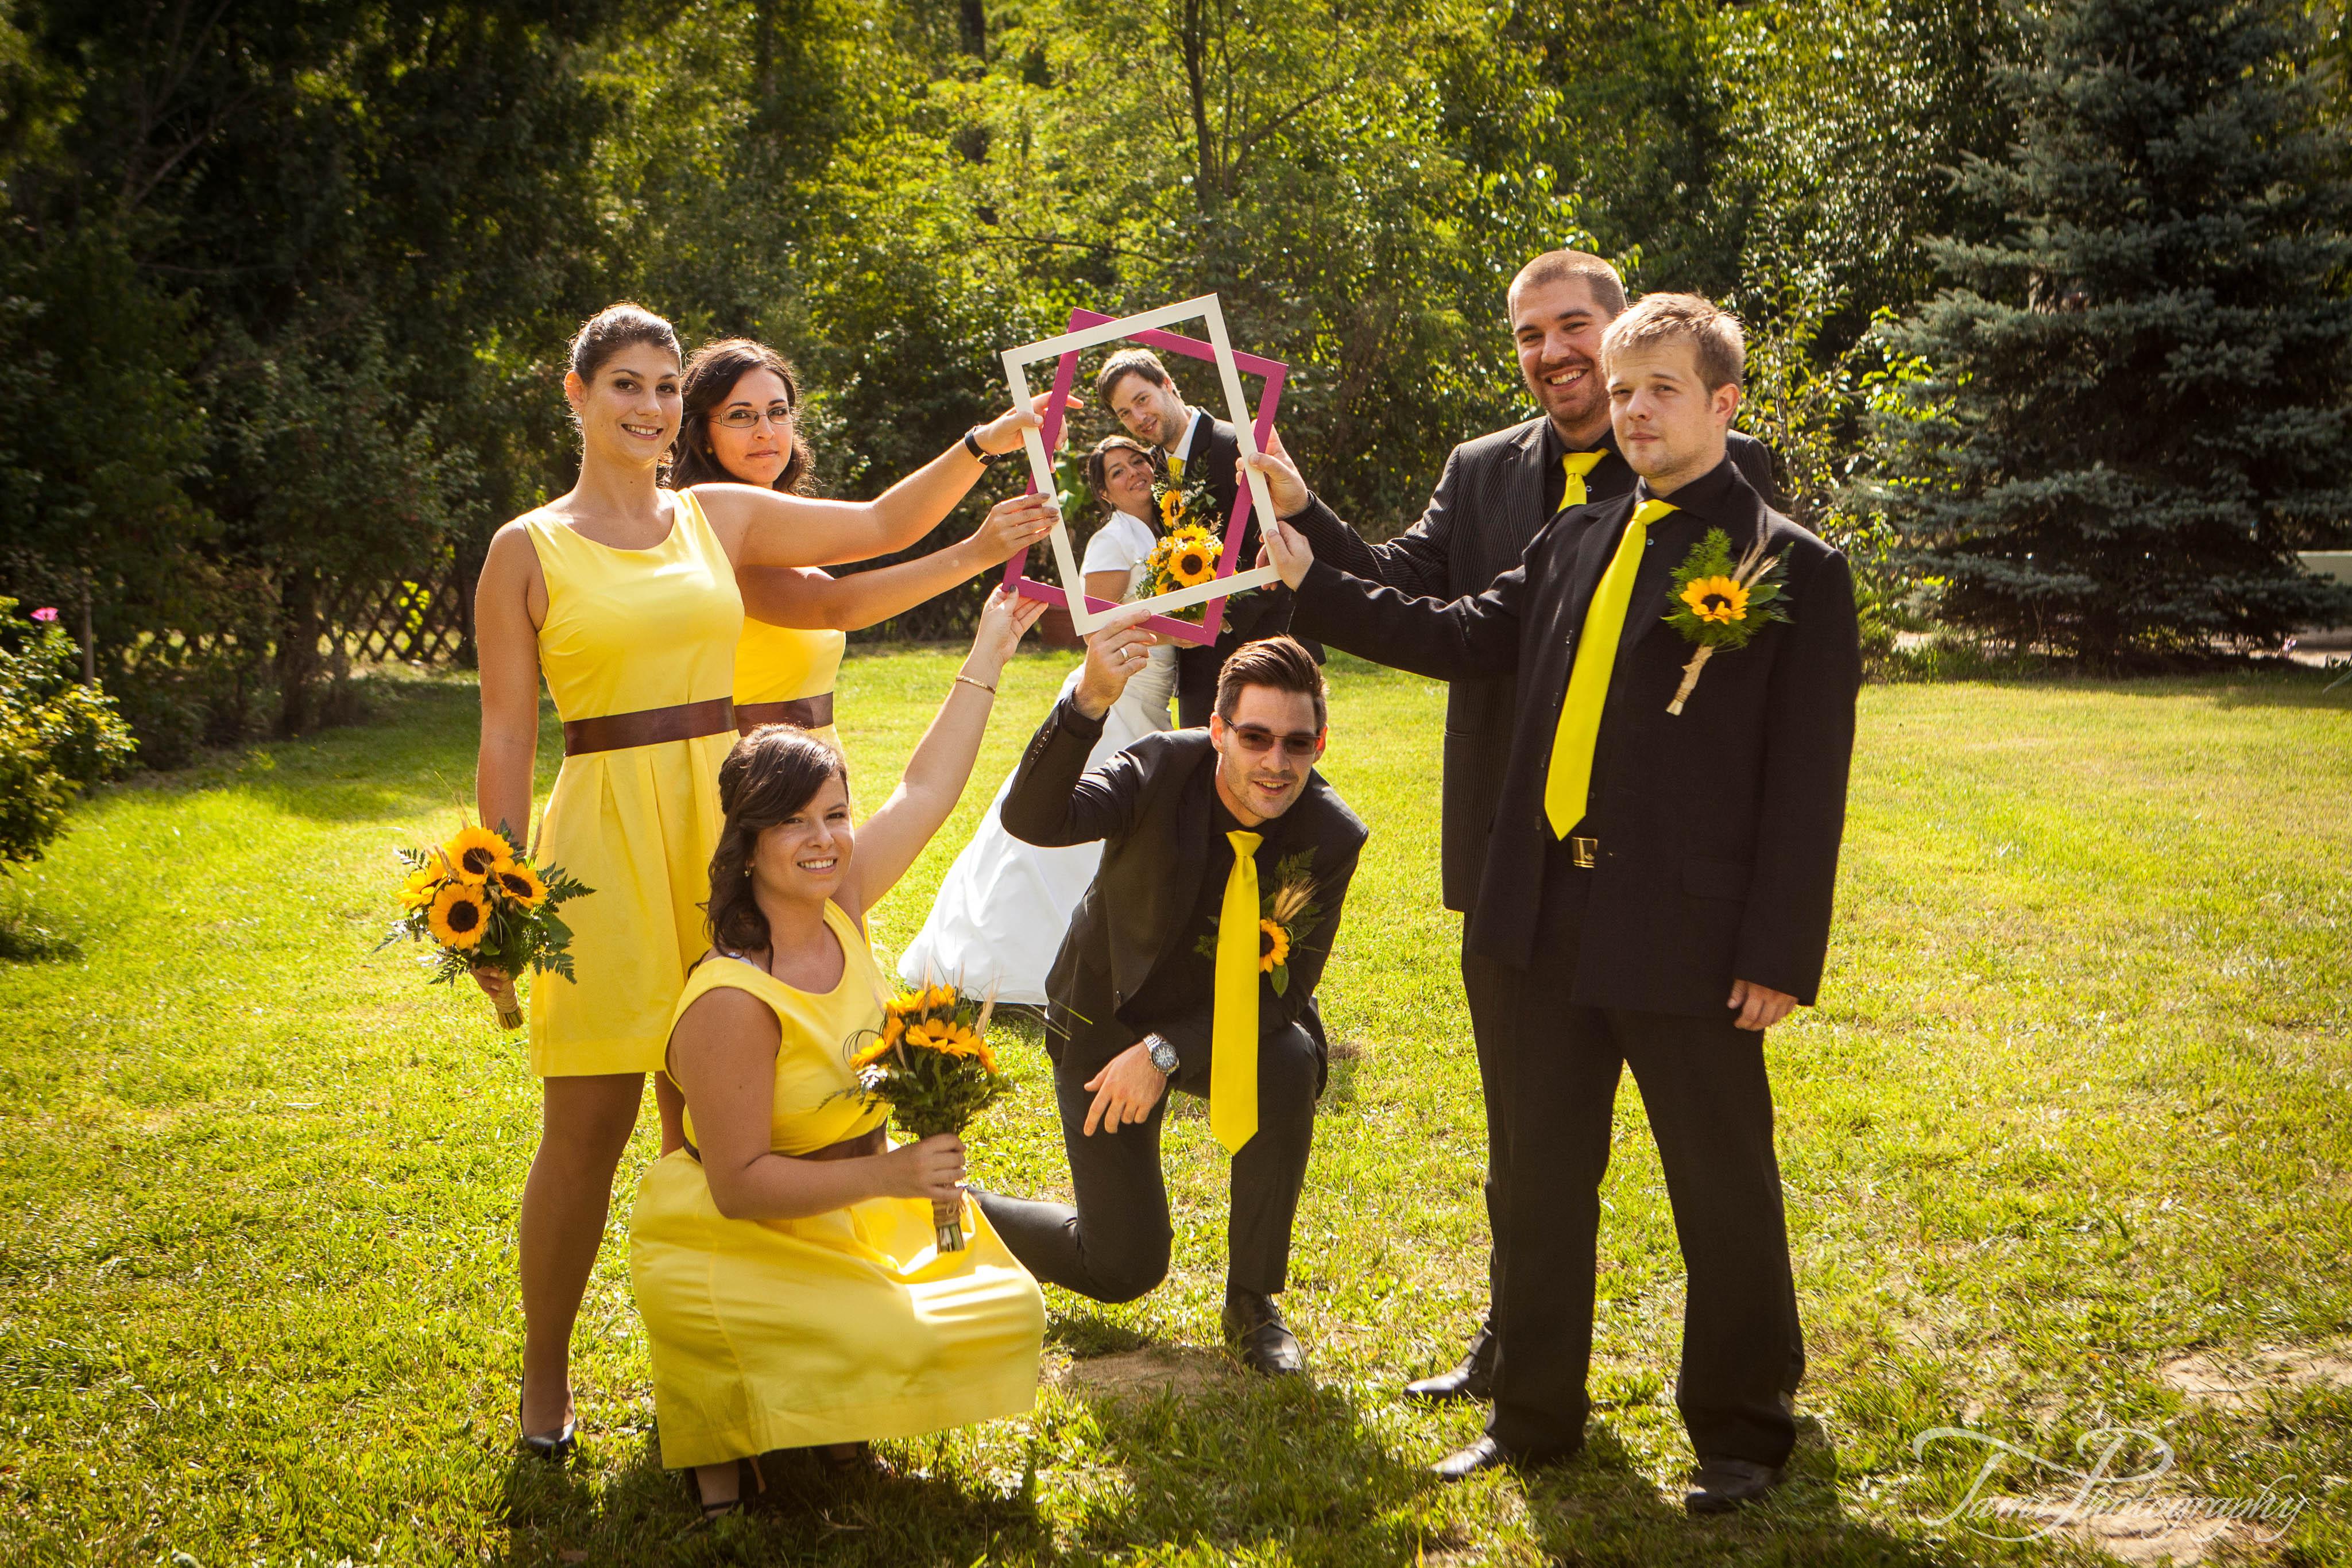 szabad romantikus találkozás montreal helyszínen